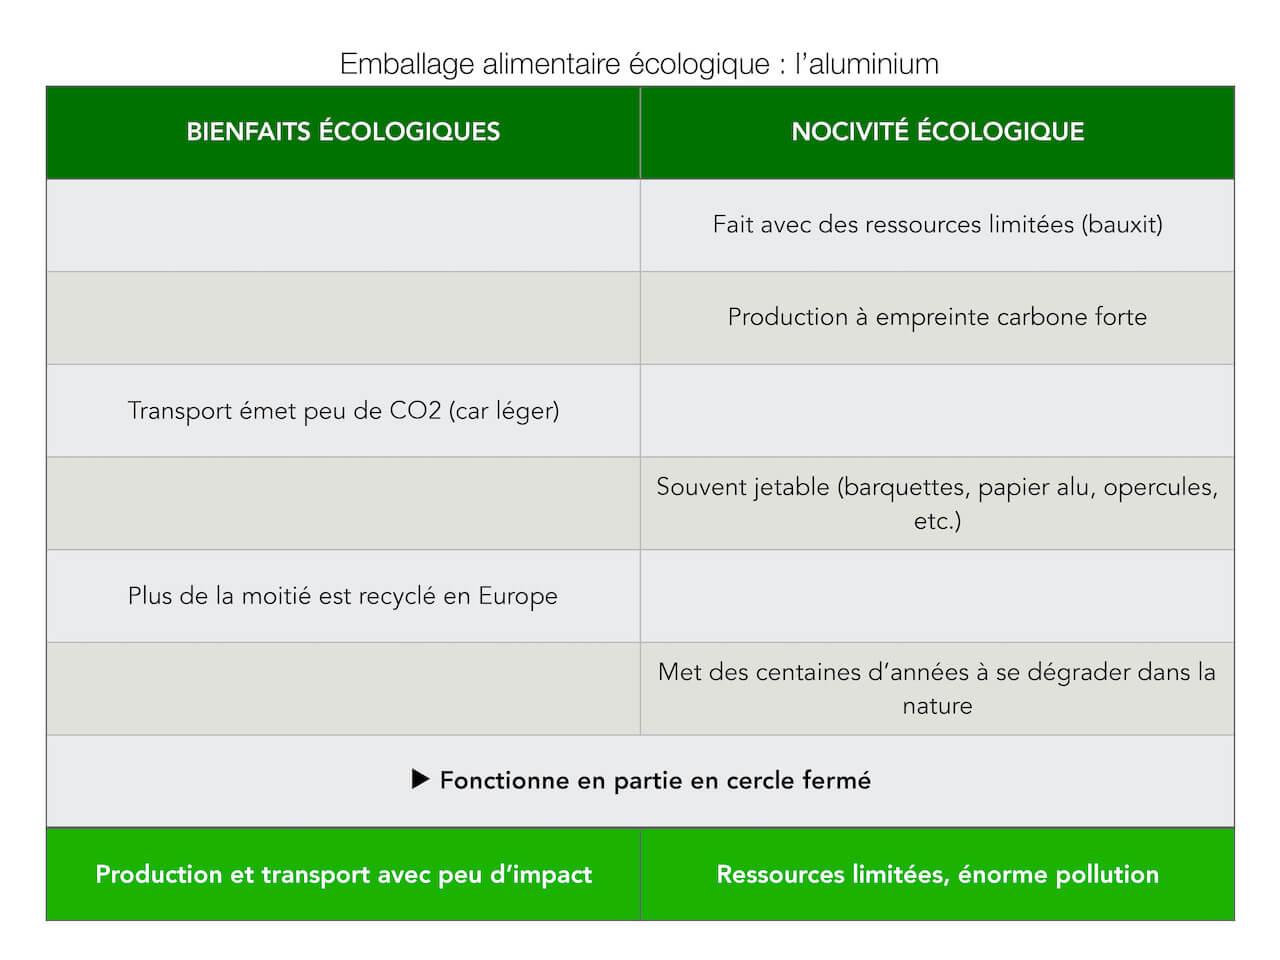 Comparatif des avantages et inconvénients écologiques d'un emballage en aluminium